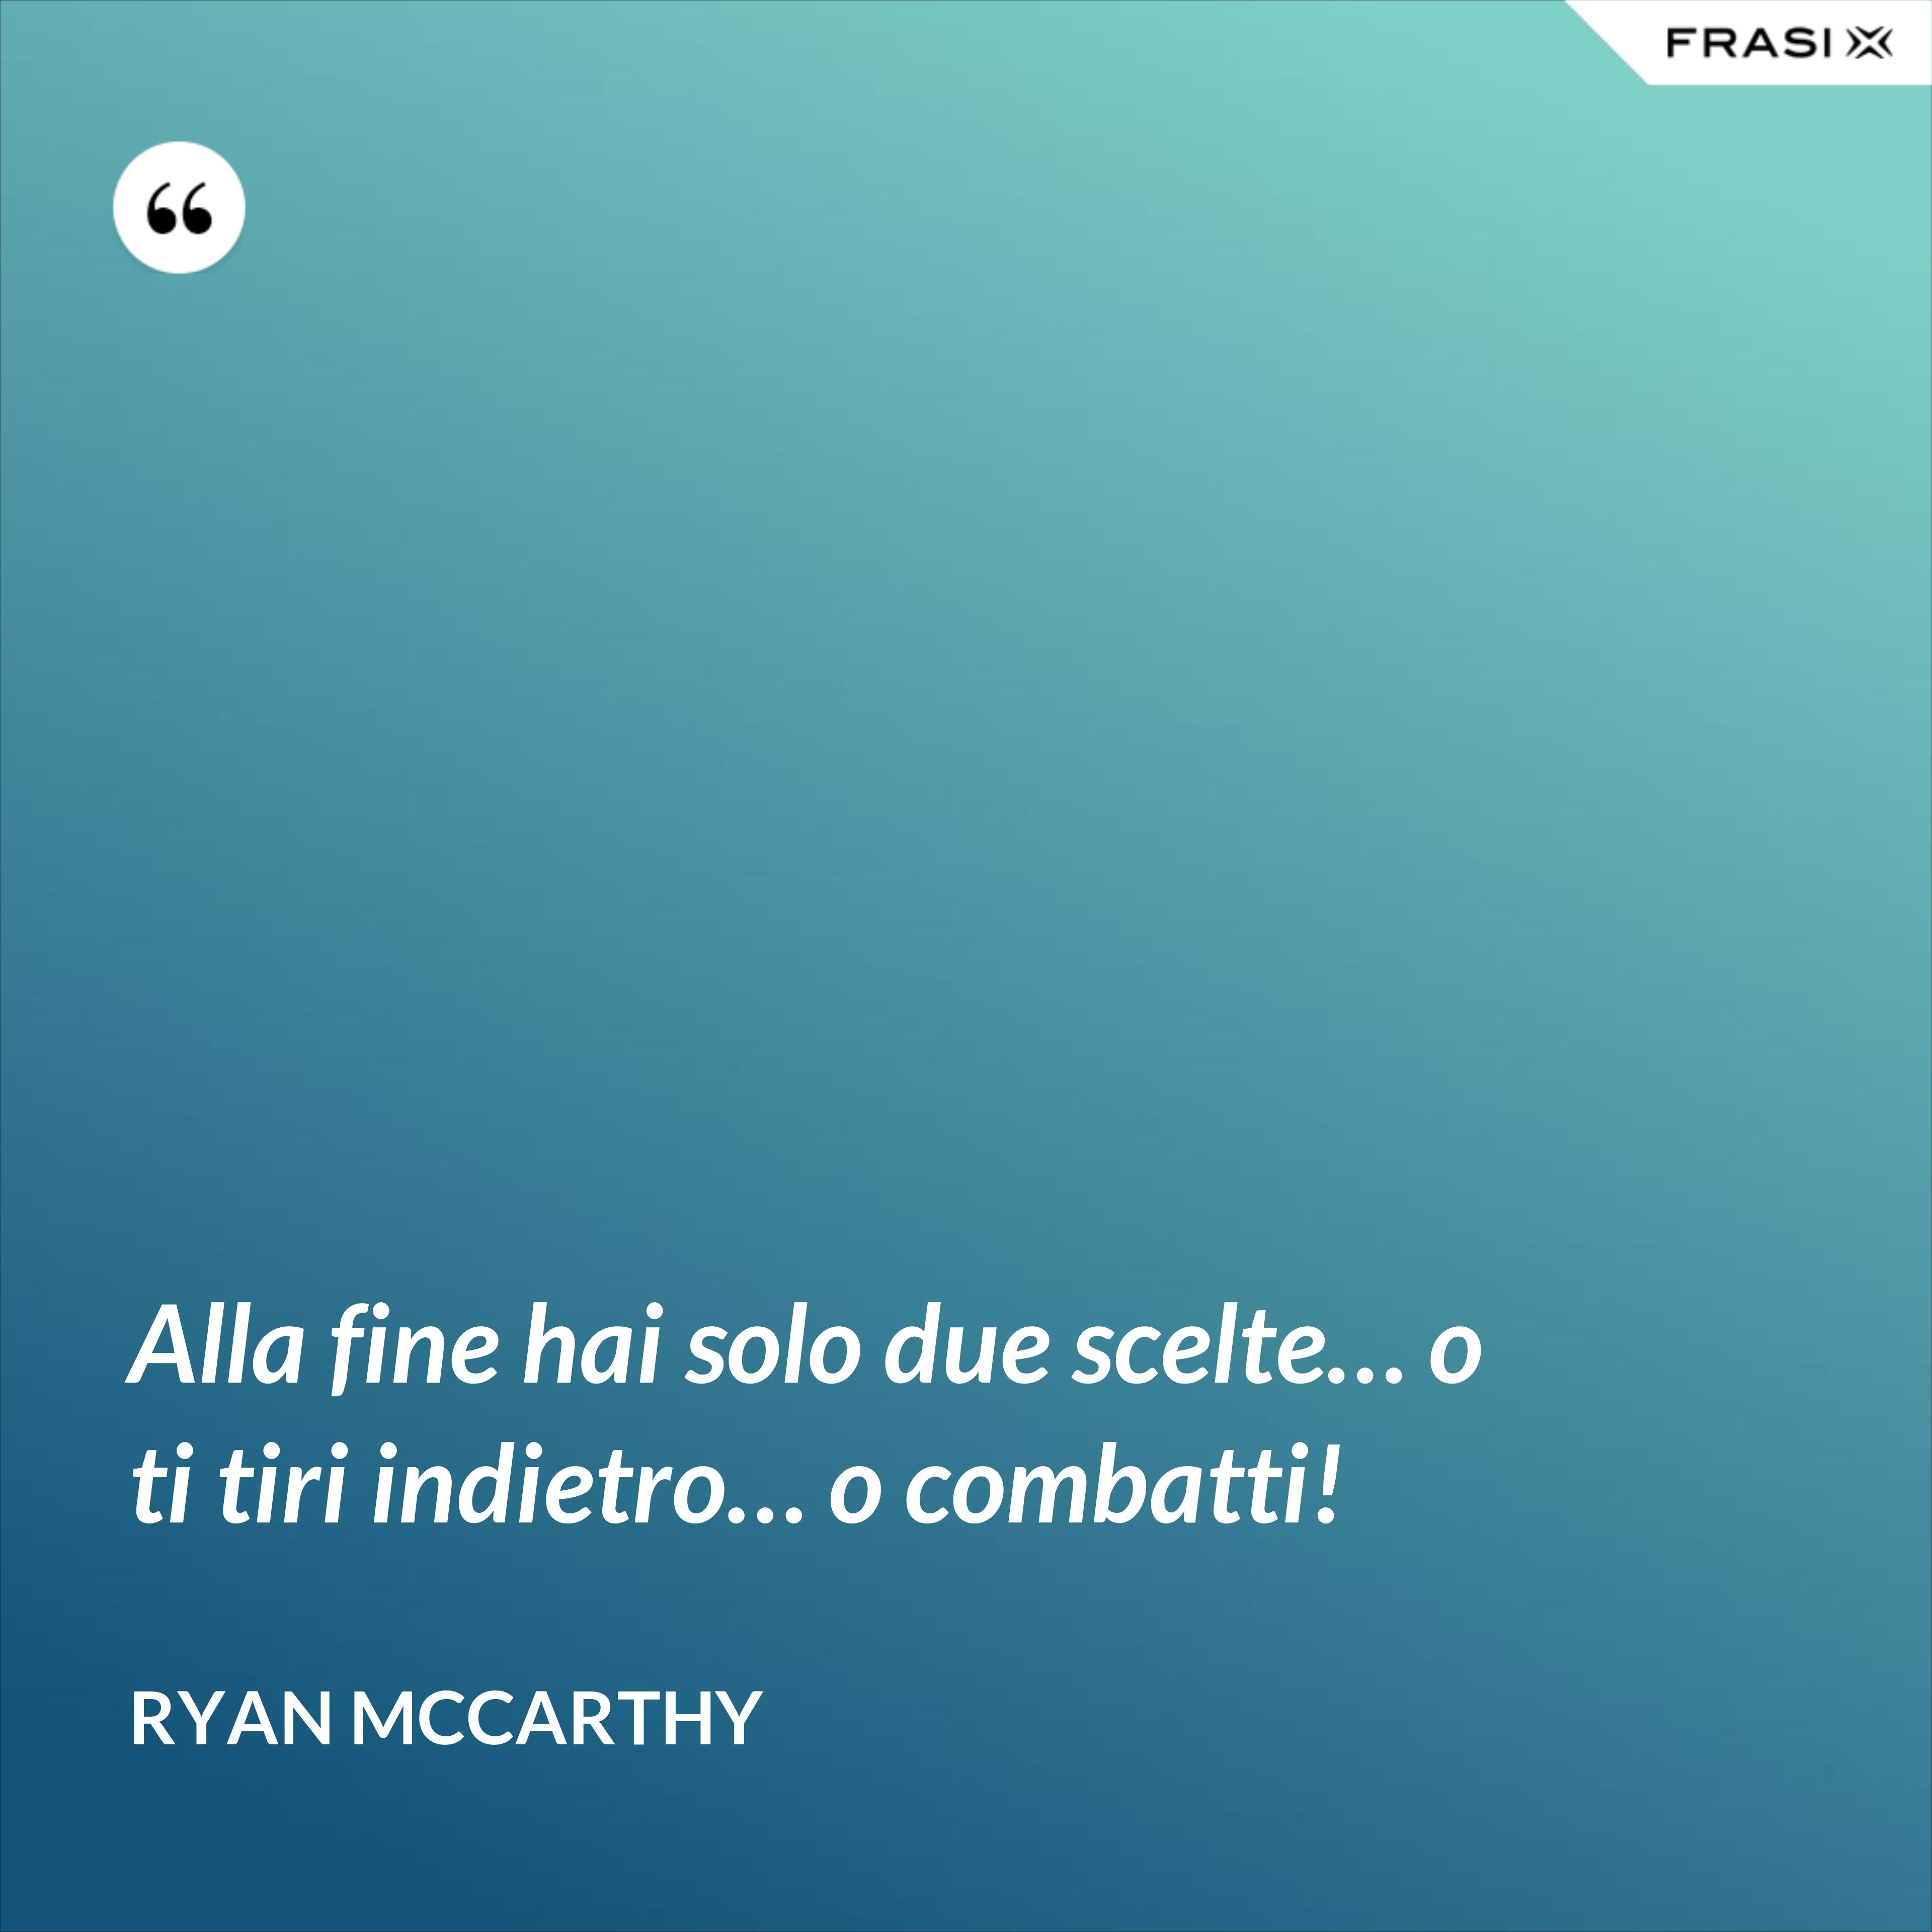 Alla fine hai solo due scelte… o ti tiri indietro… o combatti! - Ryan McCarthy